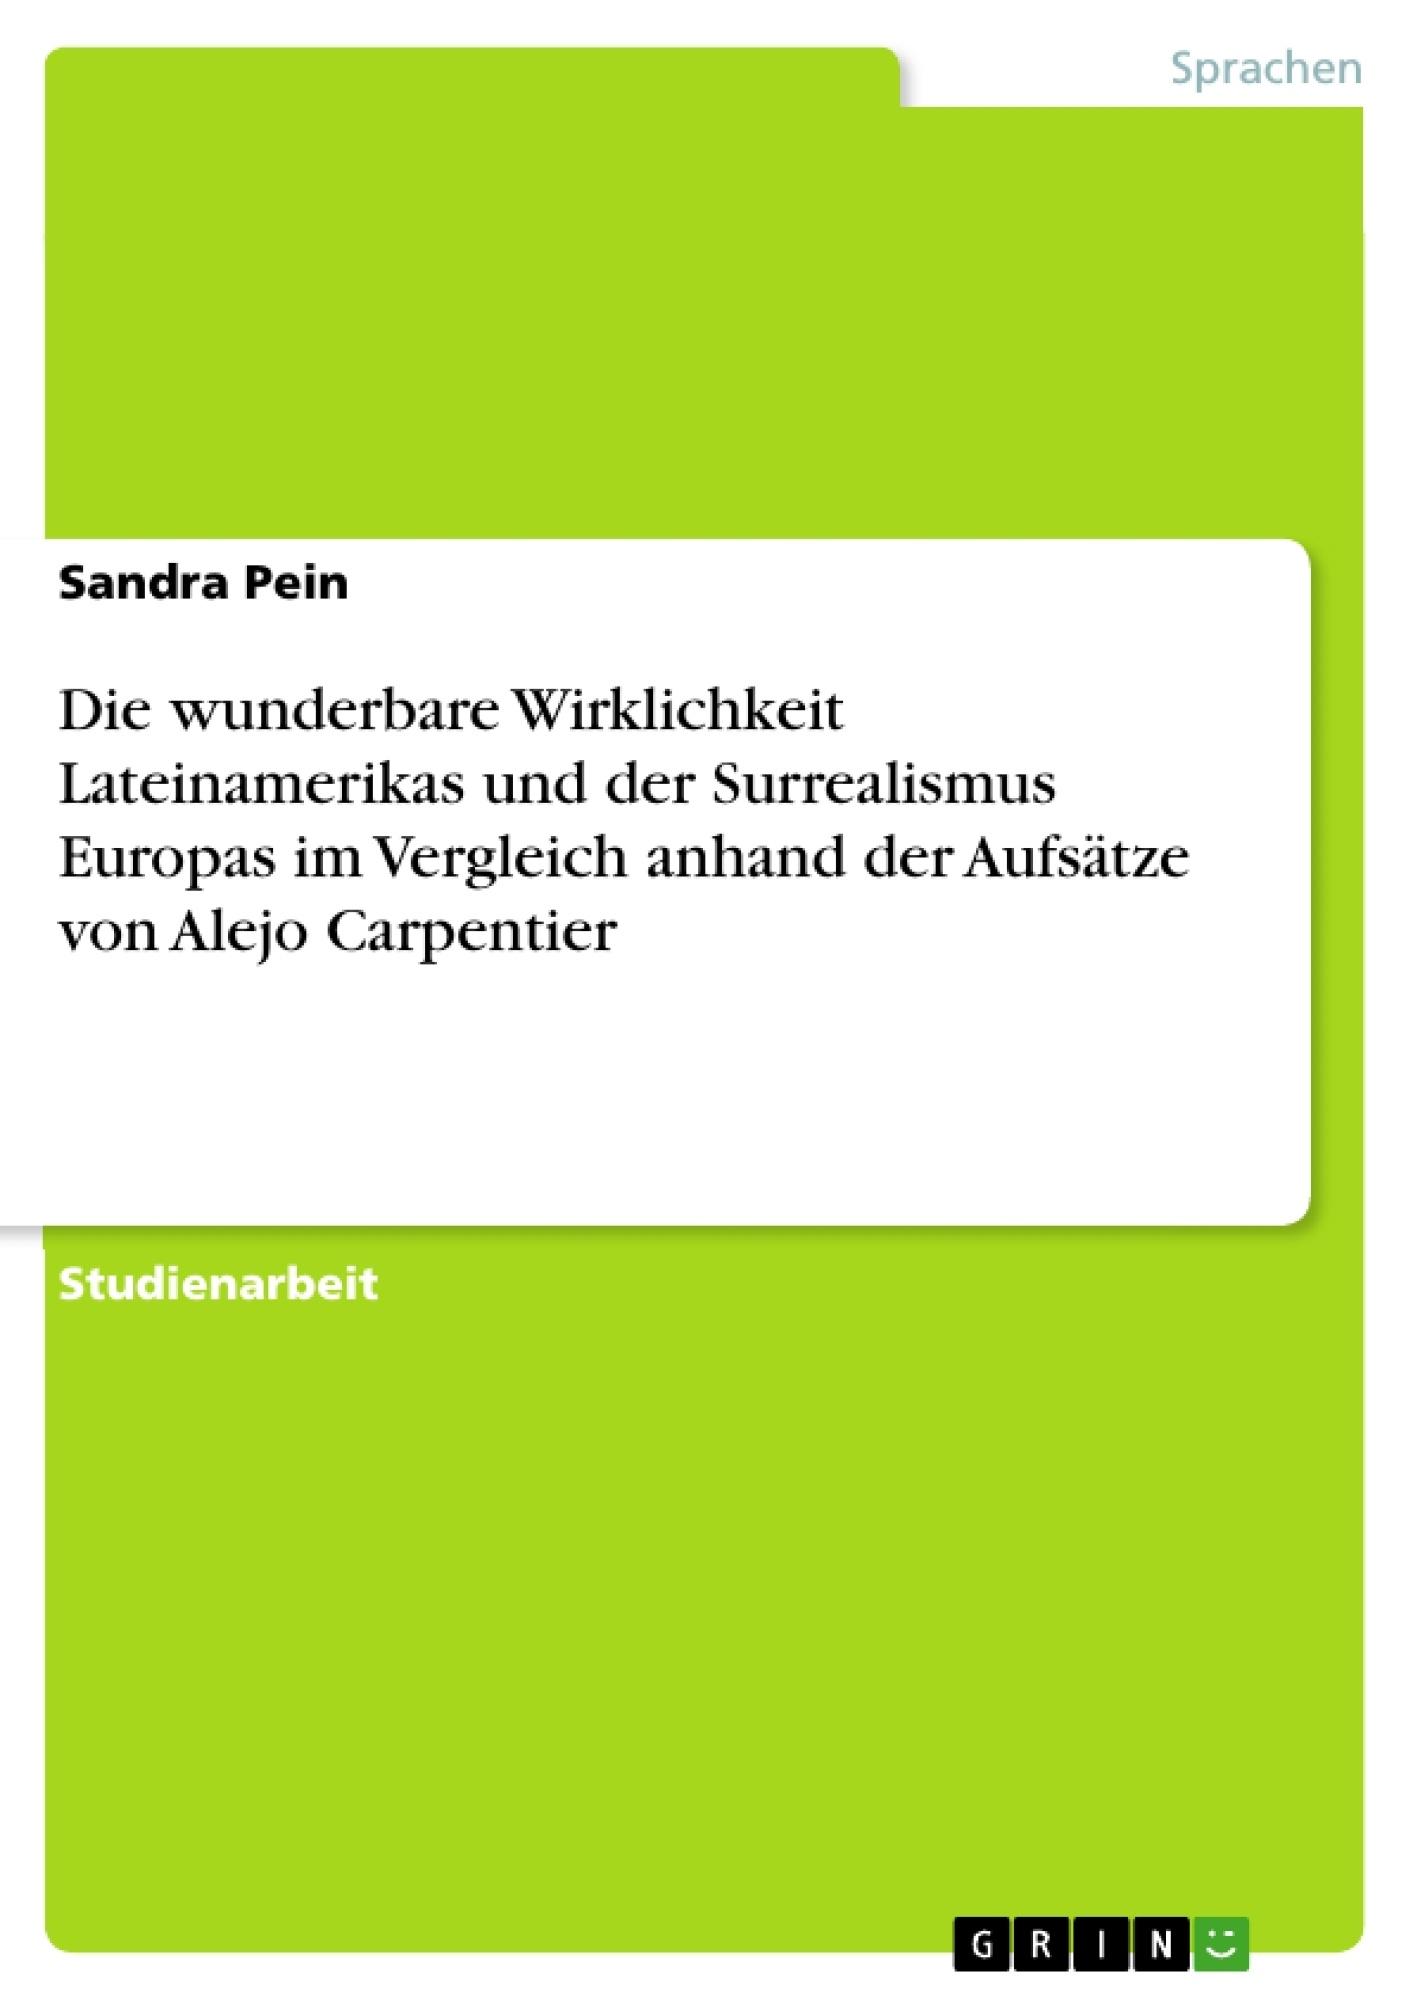 Titel: Die wunderbare Wirklichkeit Lateinamerikas und der Surrealismus Europas im Vergleich anhand der Aufsätze von Alejo Carpentier